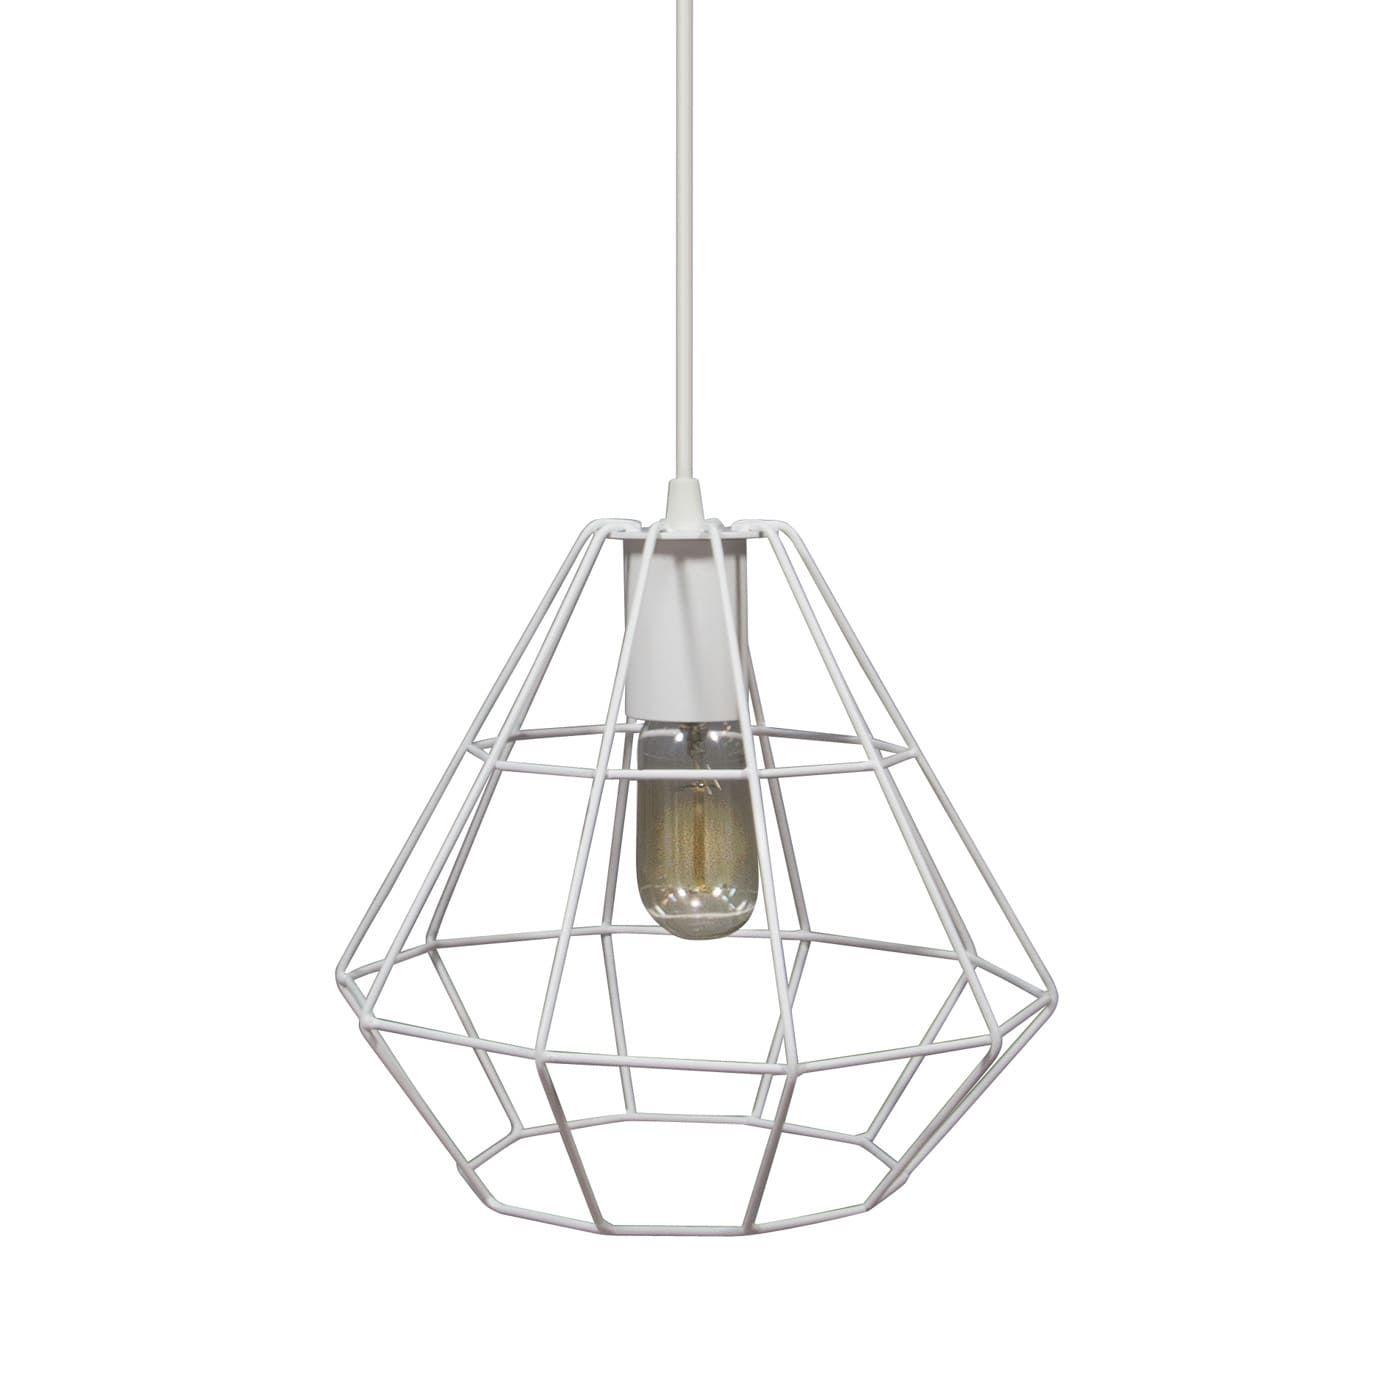 PETRASVET / Suspended chandelier S2383-1, 1xE27 max. 60W